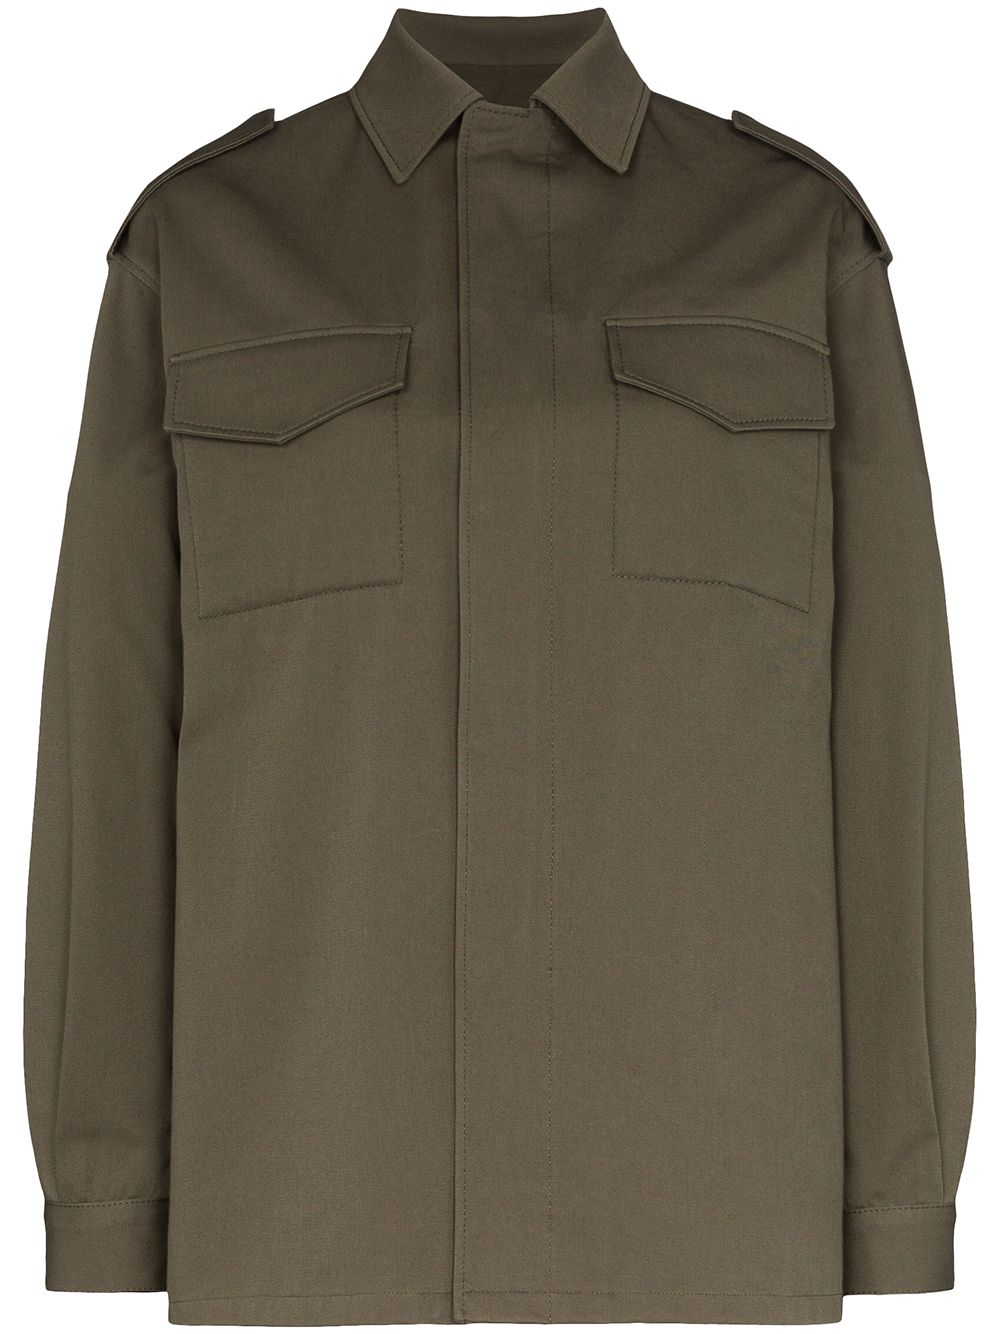 Юу худалдаж авах вэ: Армийн стильтэй хөнгөн куртка (фото 5)